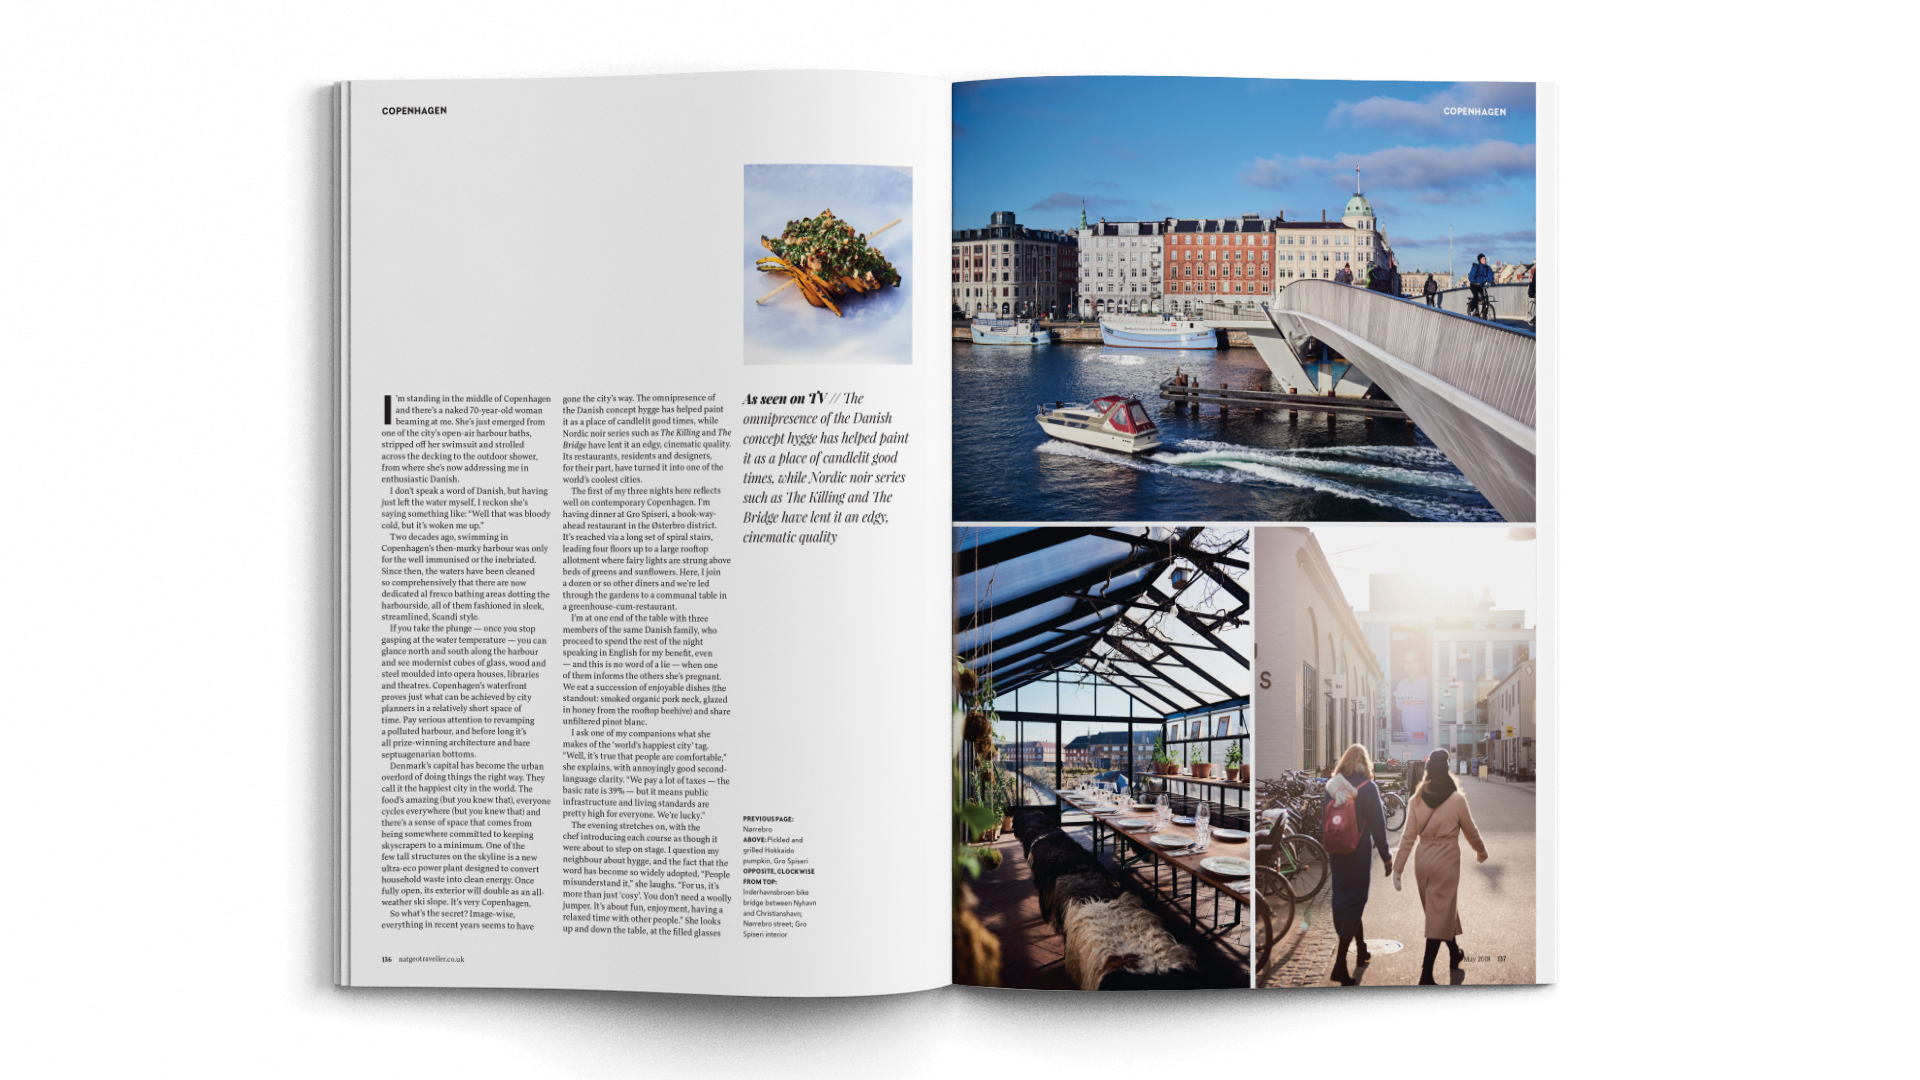 A4-Magazine-DPS-NGT-CL-Copenhagen-2